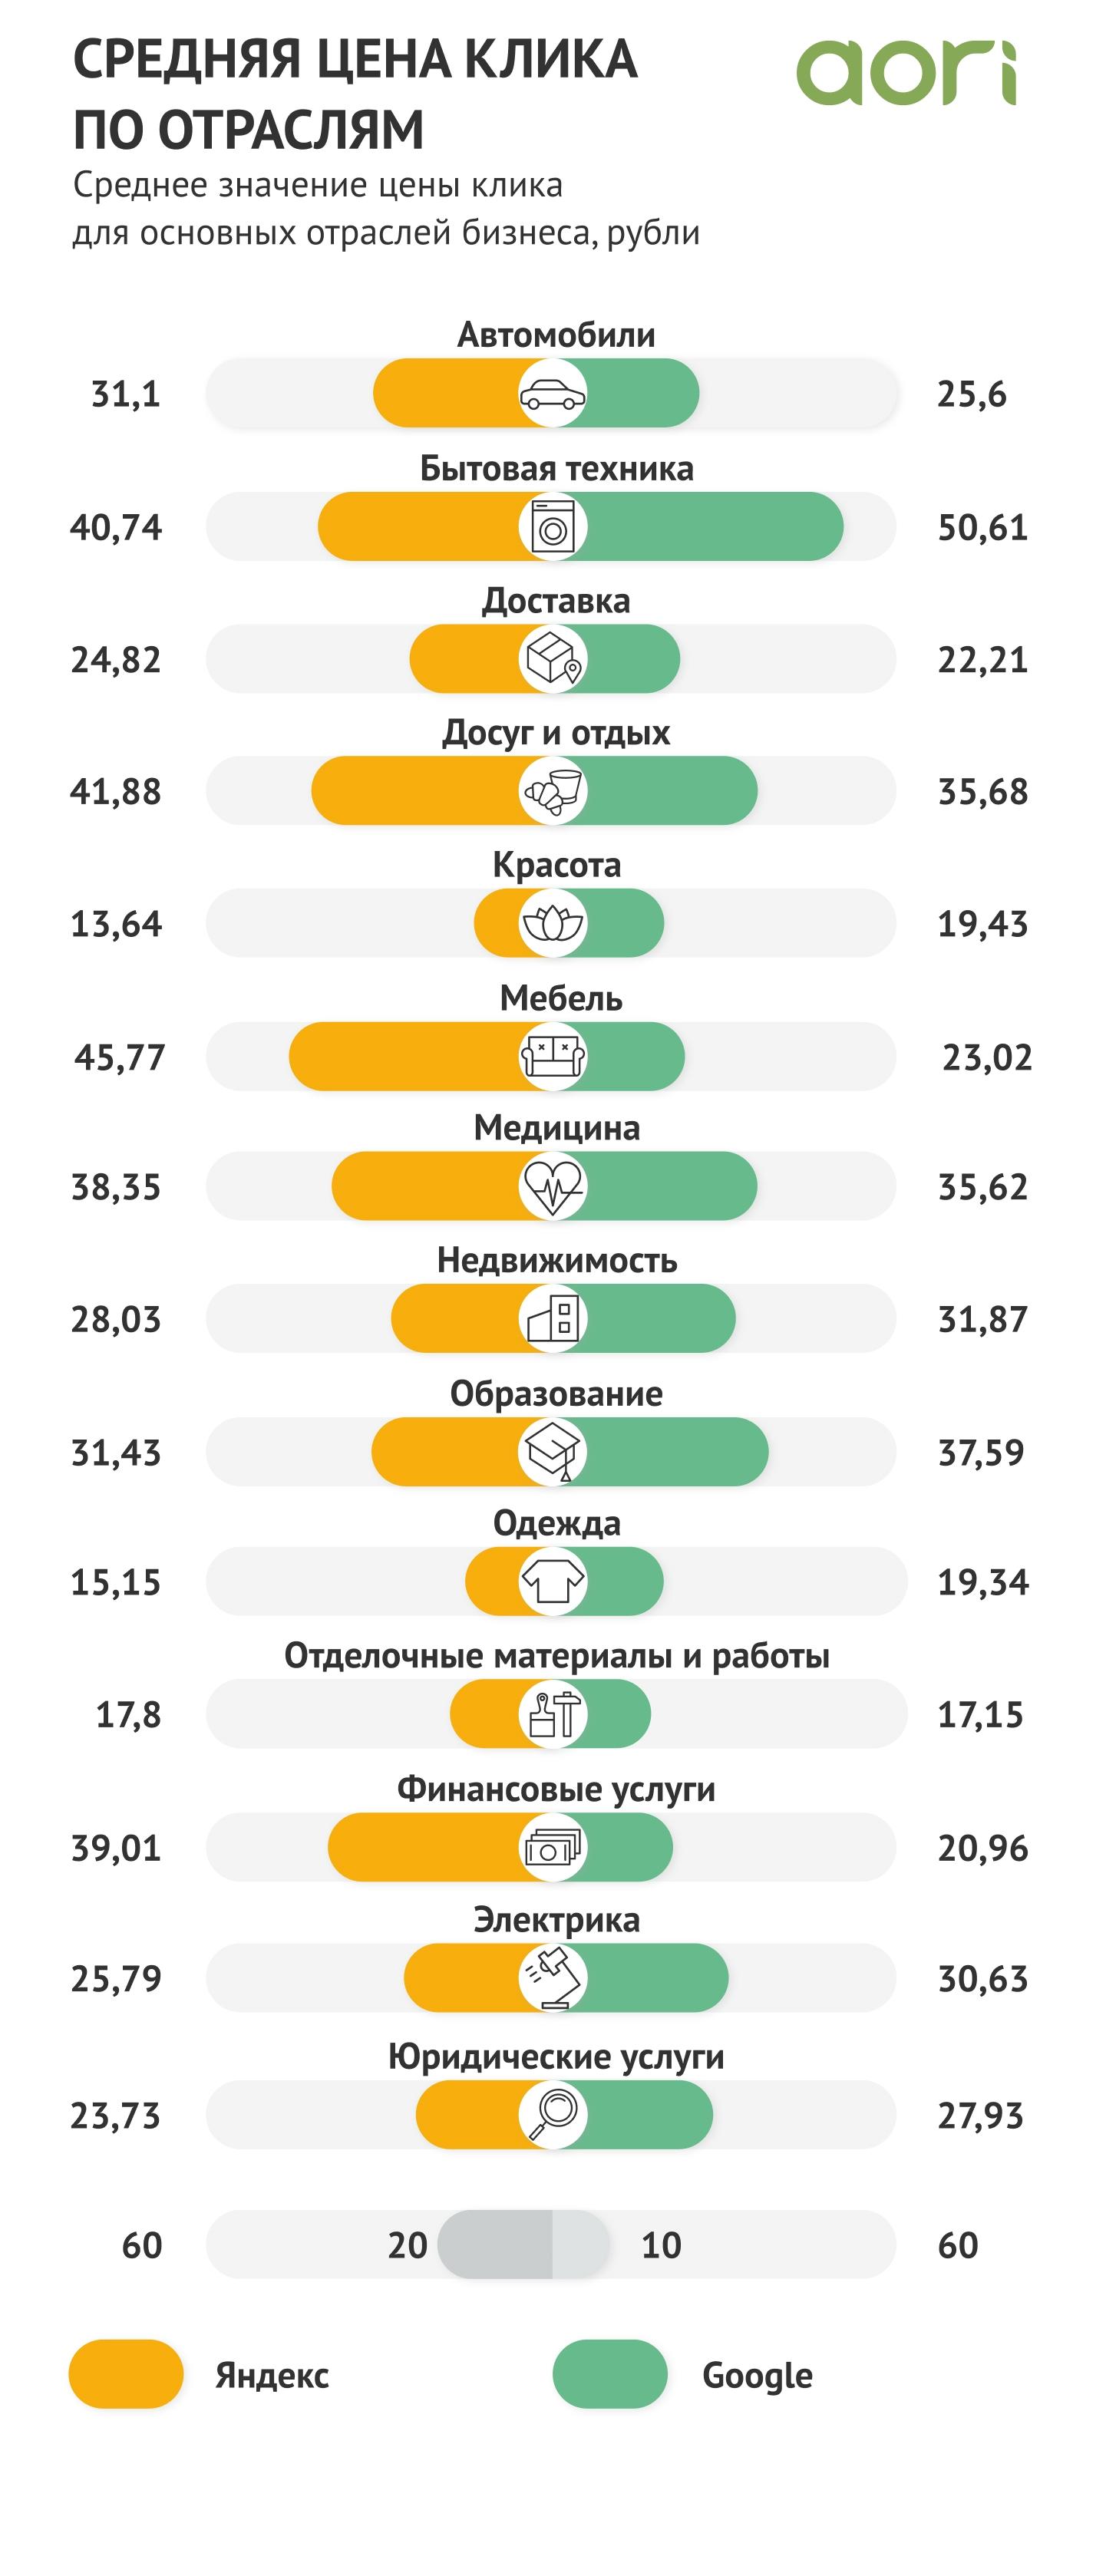 Средняя цена клика по отраслям в России Яндекс vs Гугл за 2020 год